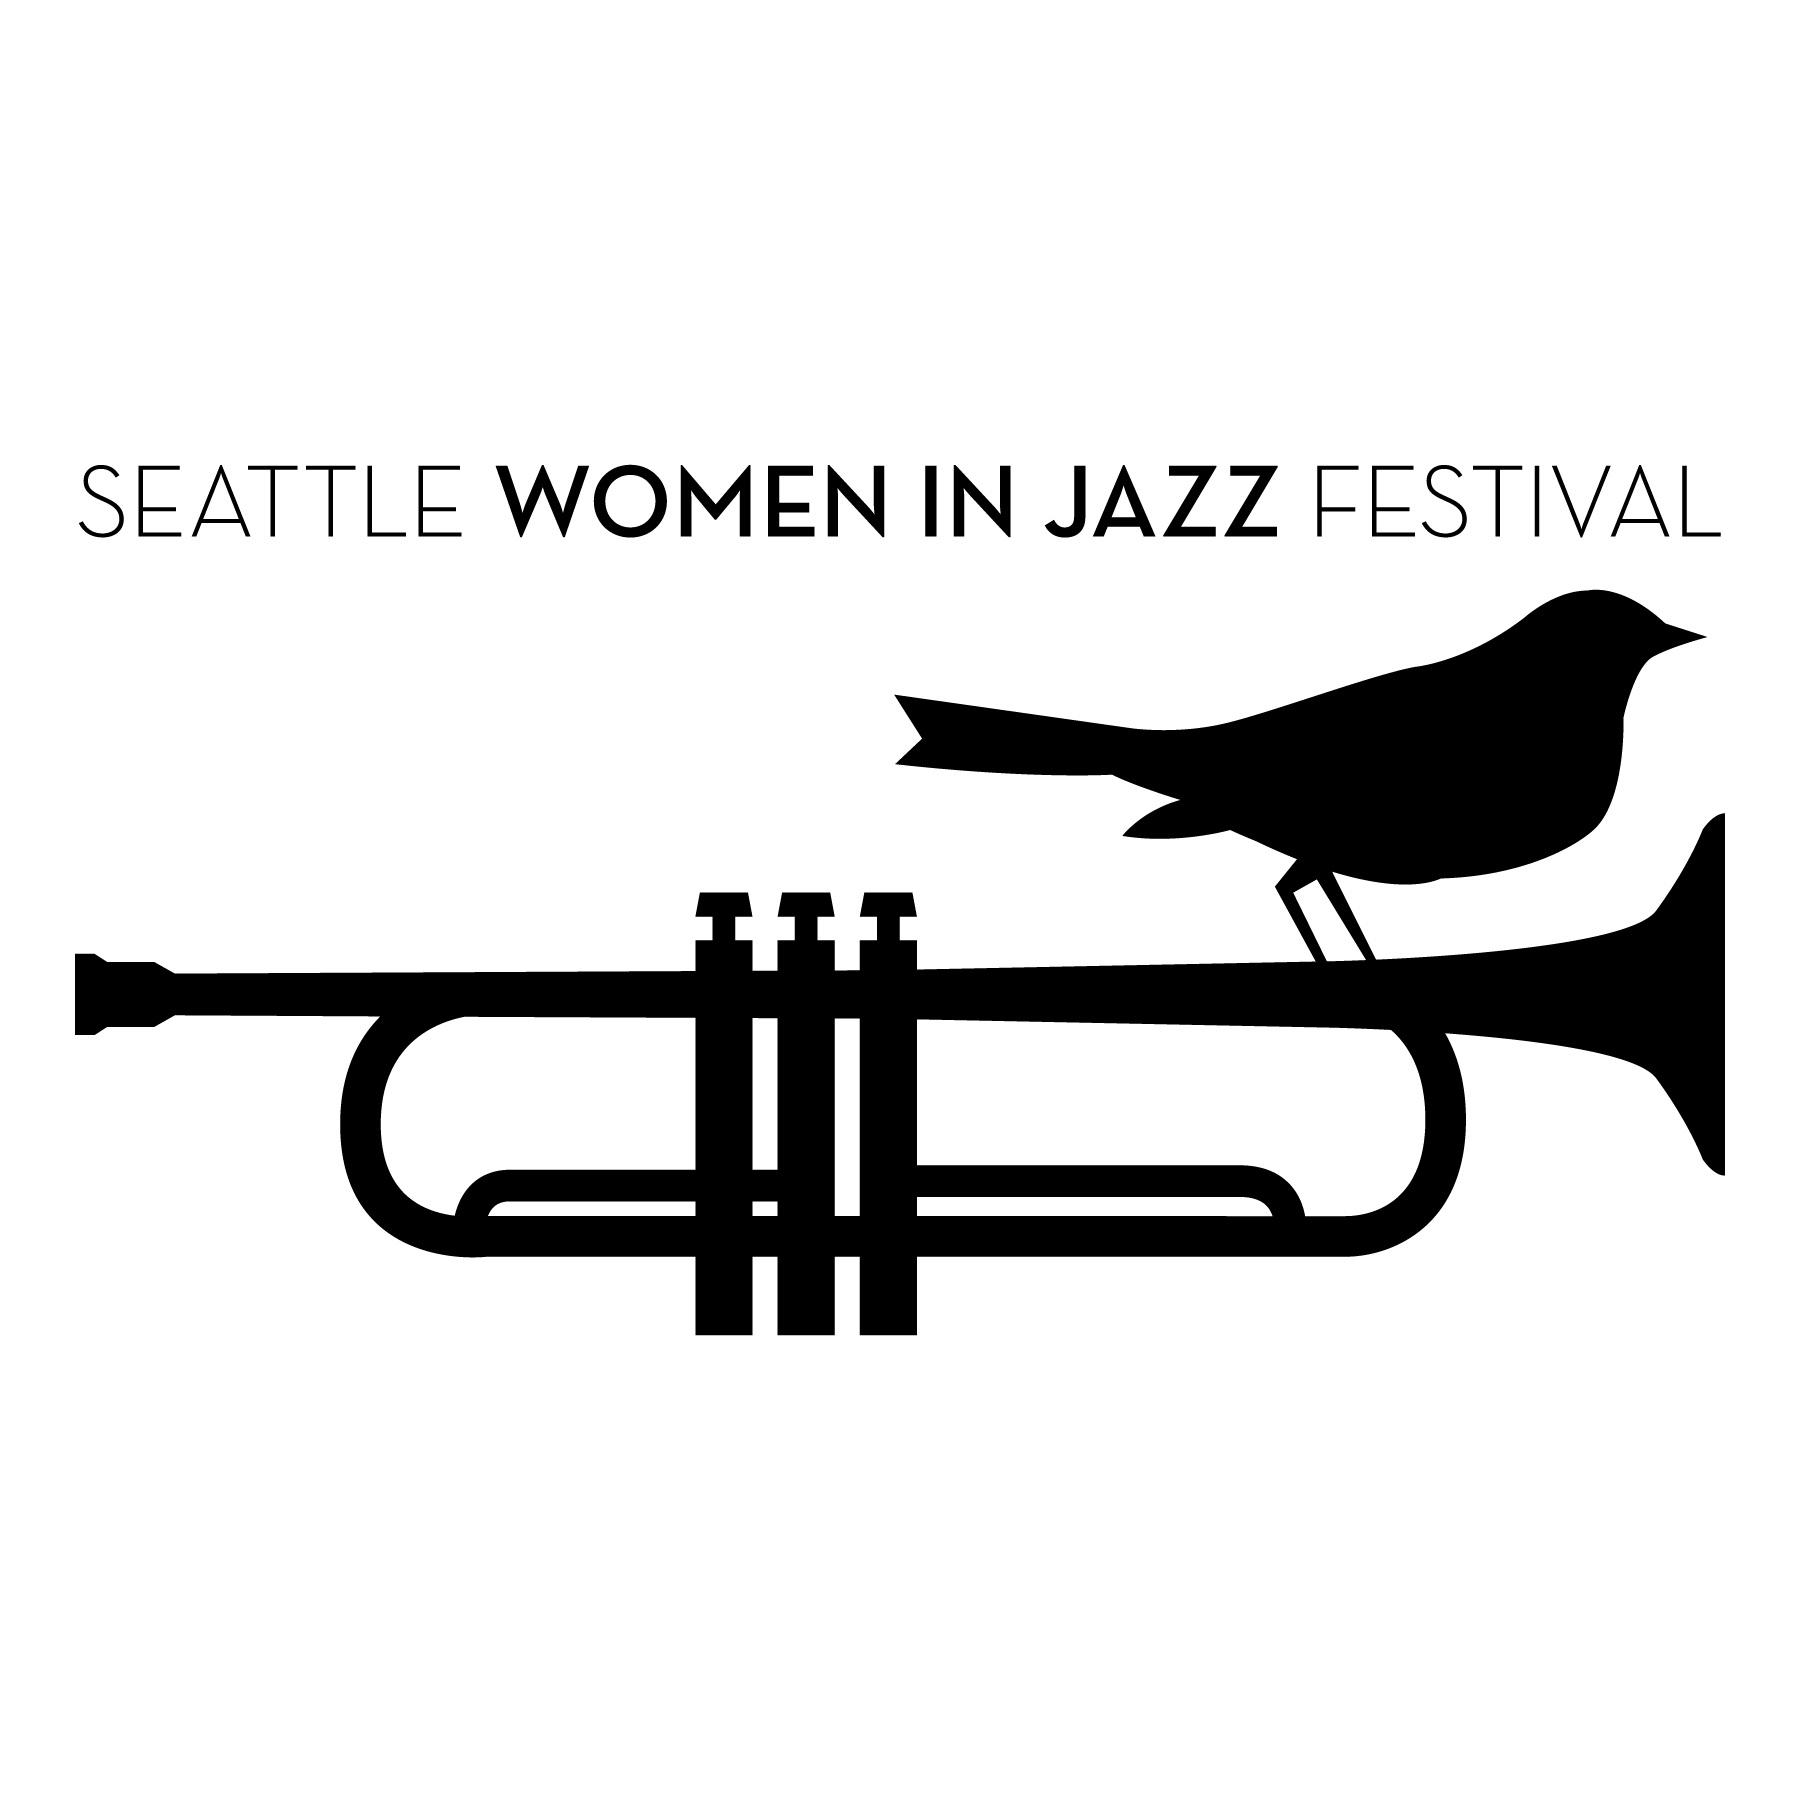 SeaWomenInJazzFest logo.jpg